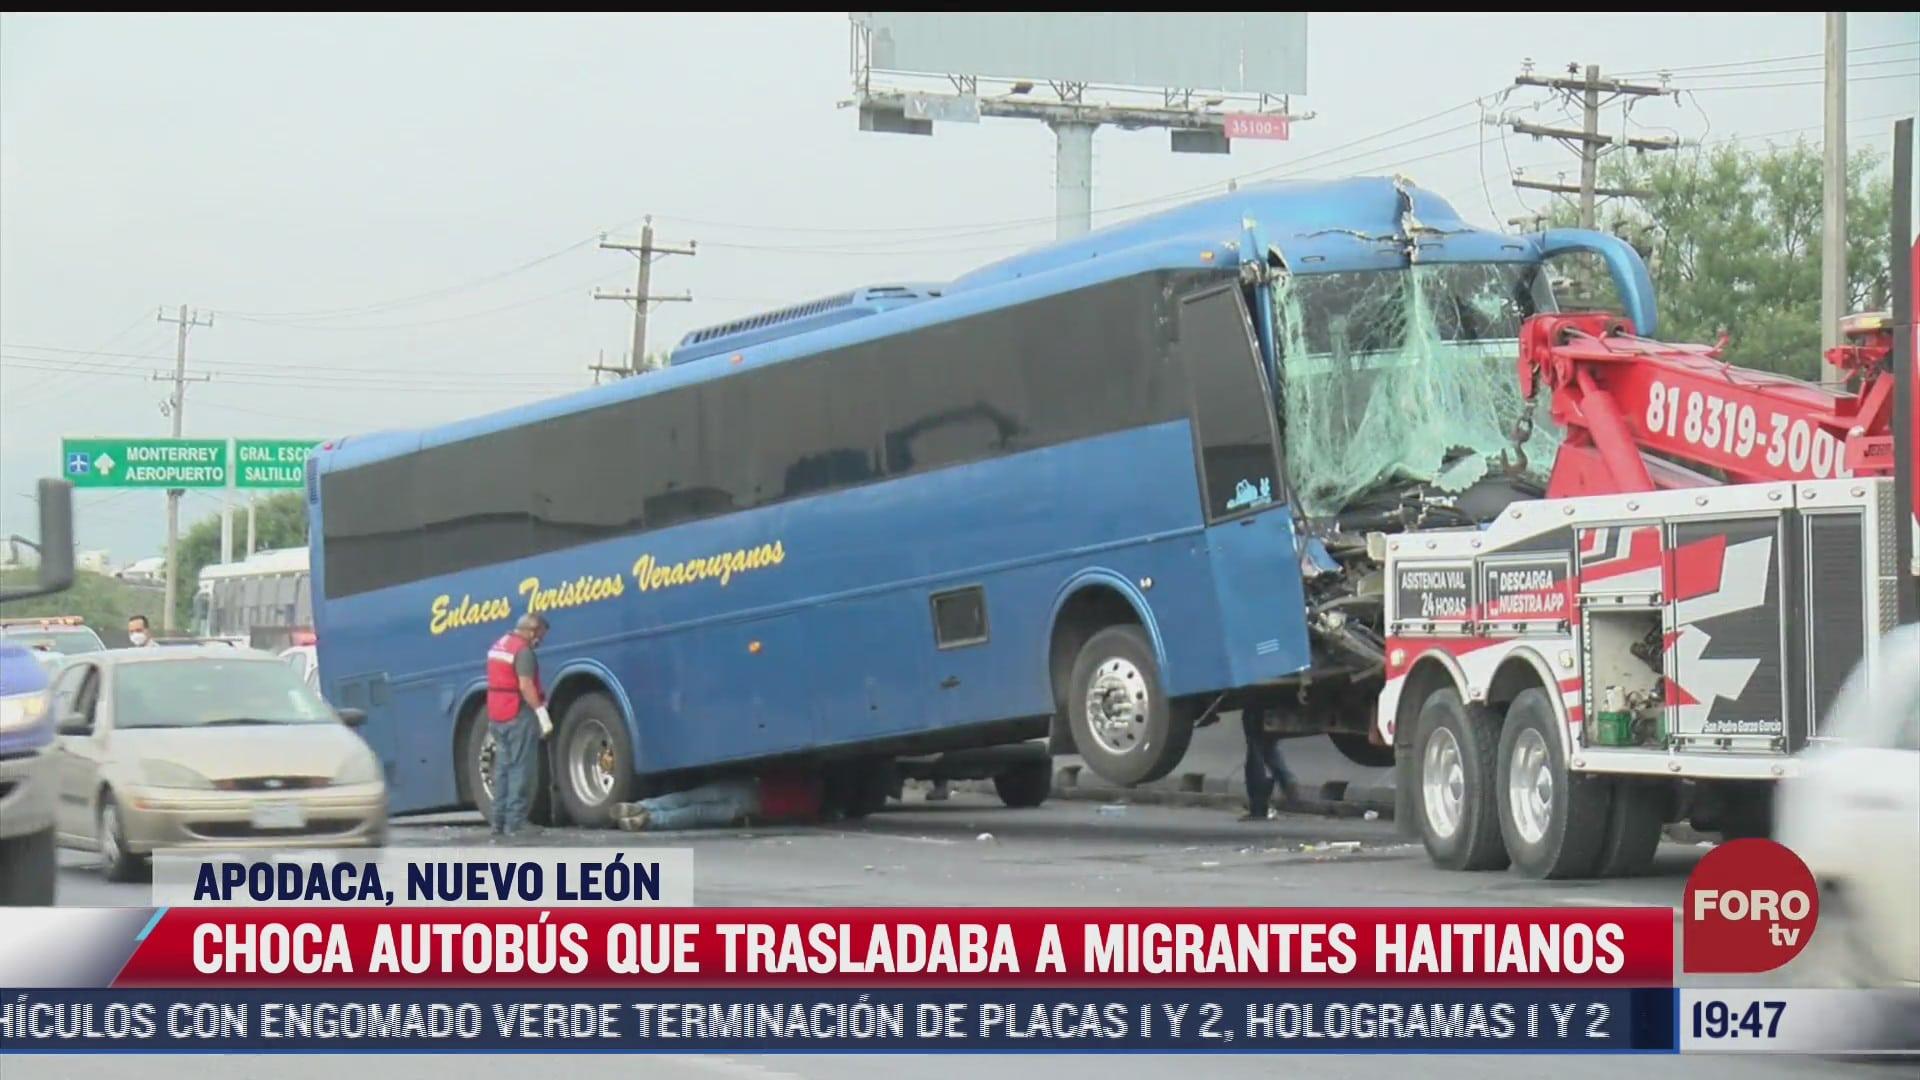 choca autobus que trasladaba a migrantes haitianos en apodaca nuevo leon